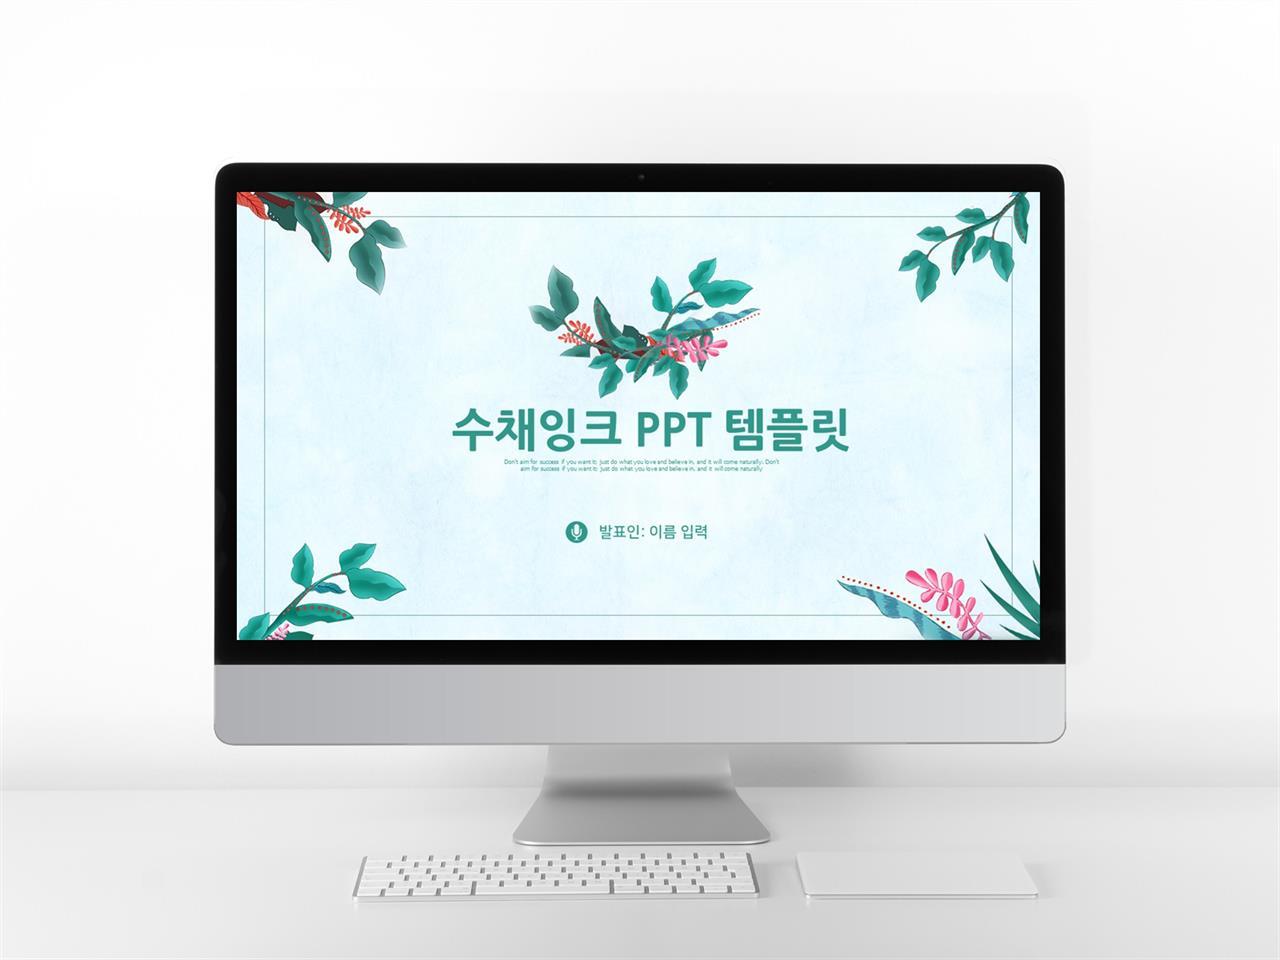 화초주제 녹색 깜찍한 프로급 피피티배경 사이트 미리보기